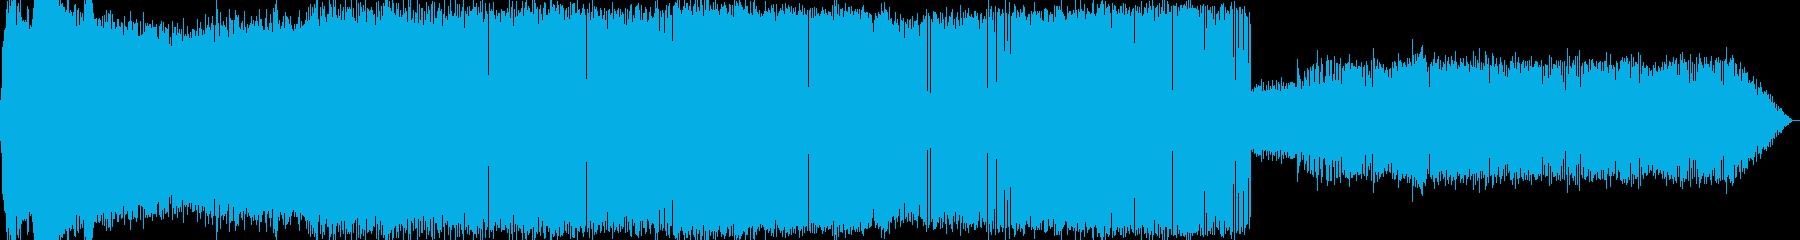 9月中旬の夜に収録した虫の声の再生済みの波形